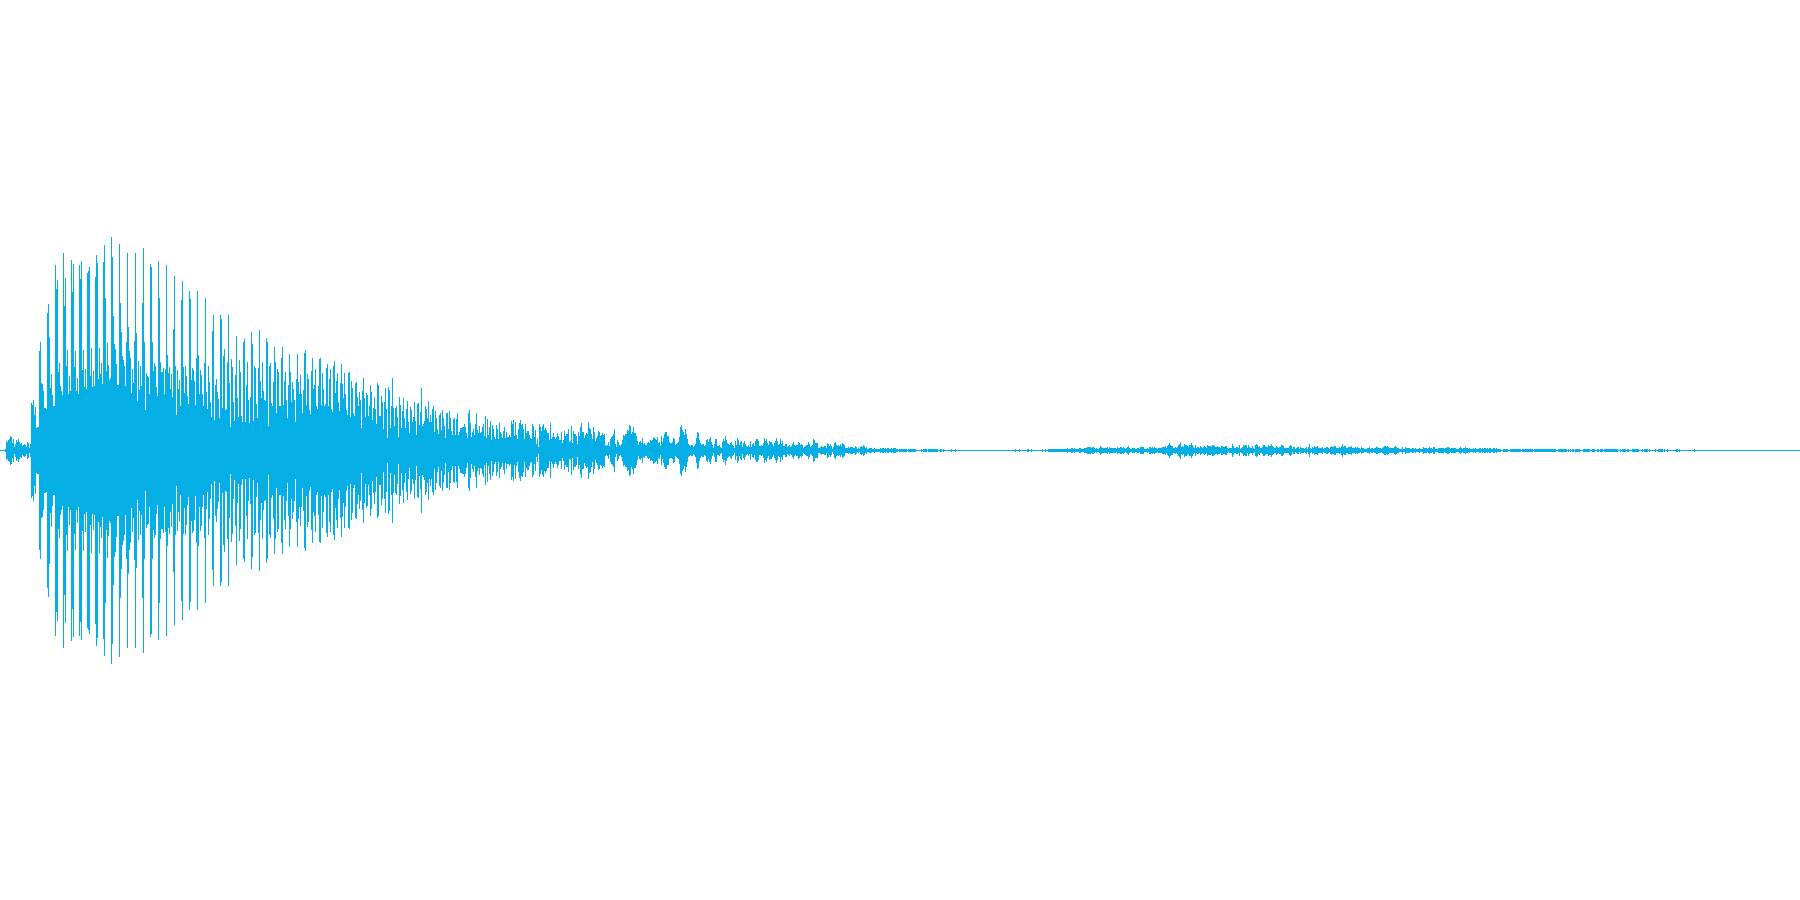 あっ【ダメージボイス、悲鳴】の再生済みの波形